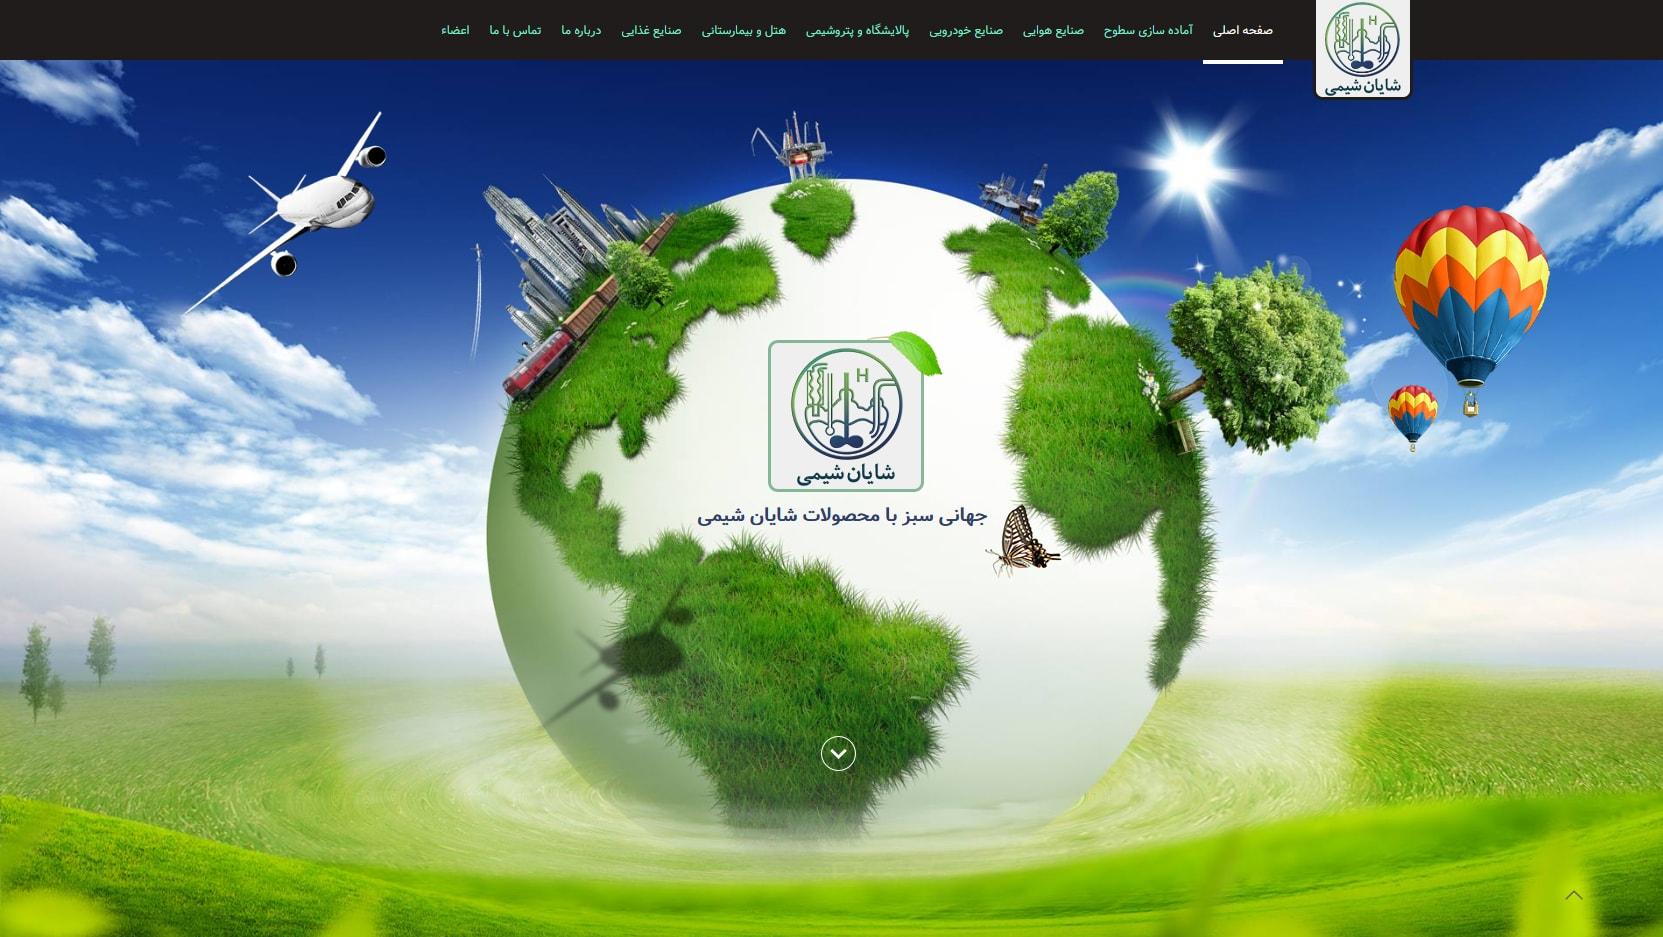 طراحی سایت شایان شیمی - شرکت طراحی سایت کی نگار